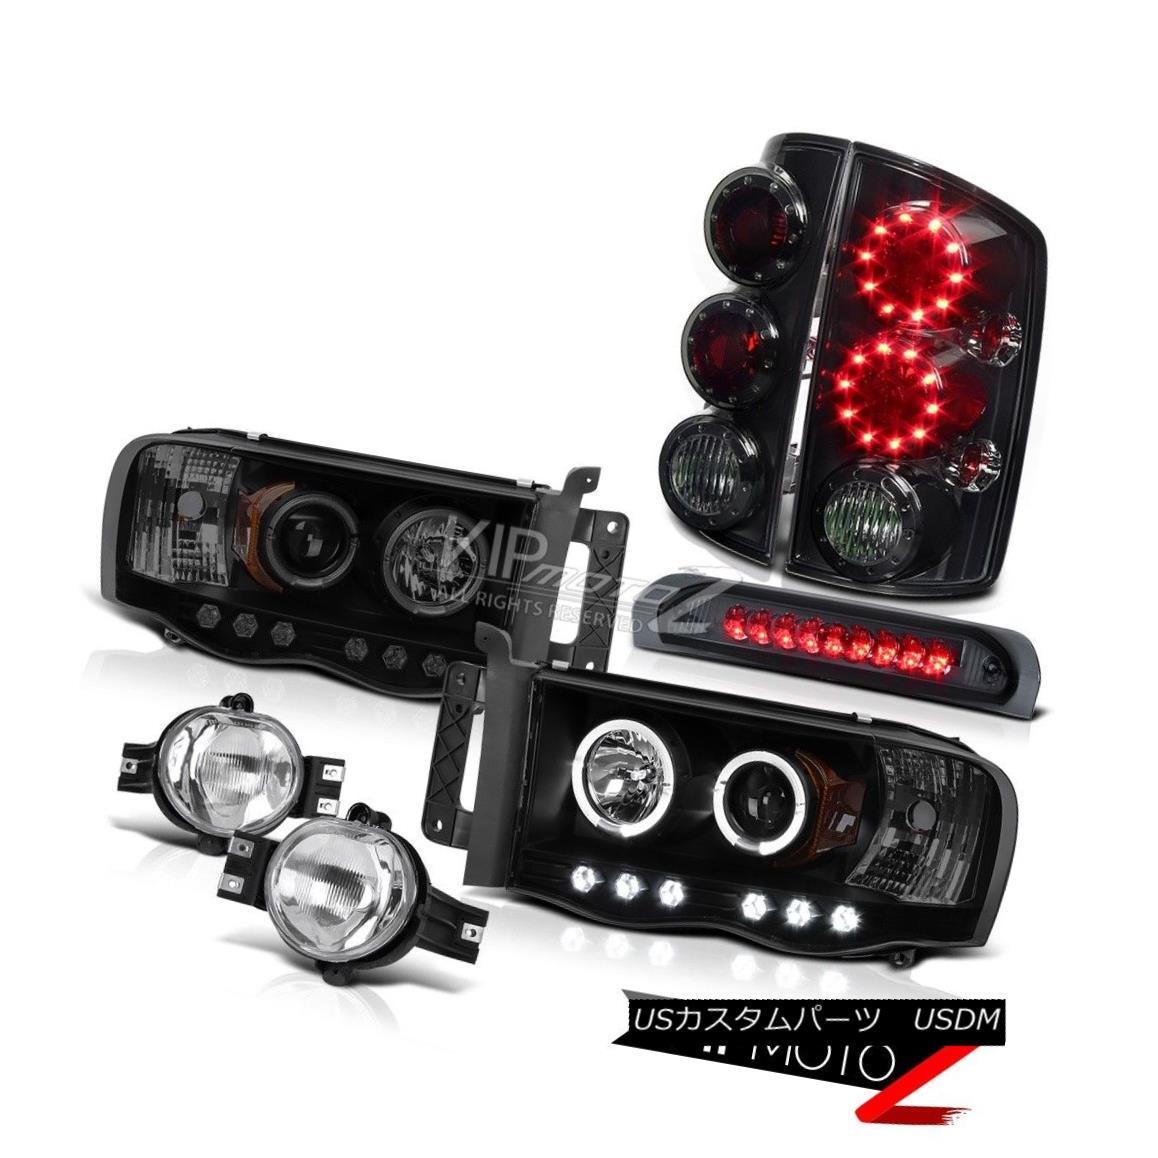 ヘッドライト Dodge Ram Halo SINSTER BLACK Headlights Smoke LED Brake Lamps Driving Fog Cargo Dodge Ram Halo SINISTER BLACKヘッドライトスモークLEDブレーキランプフォグカーゴ